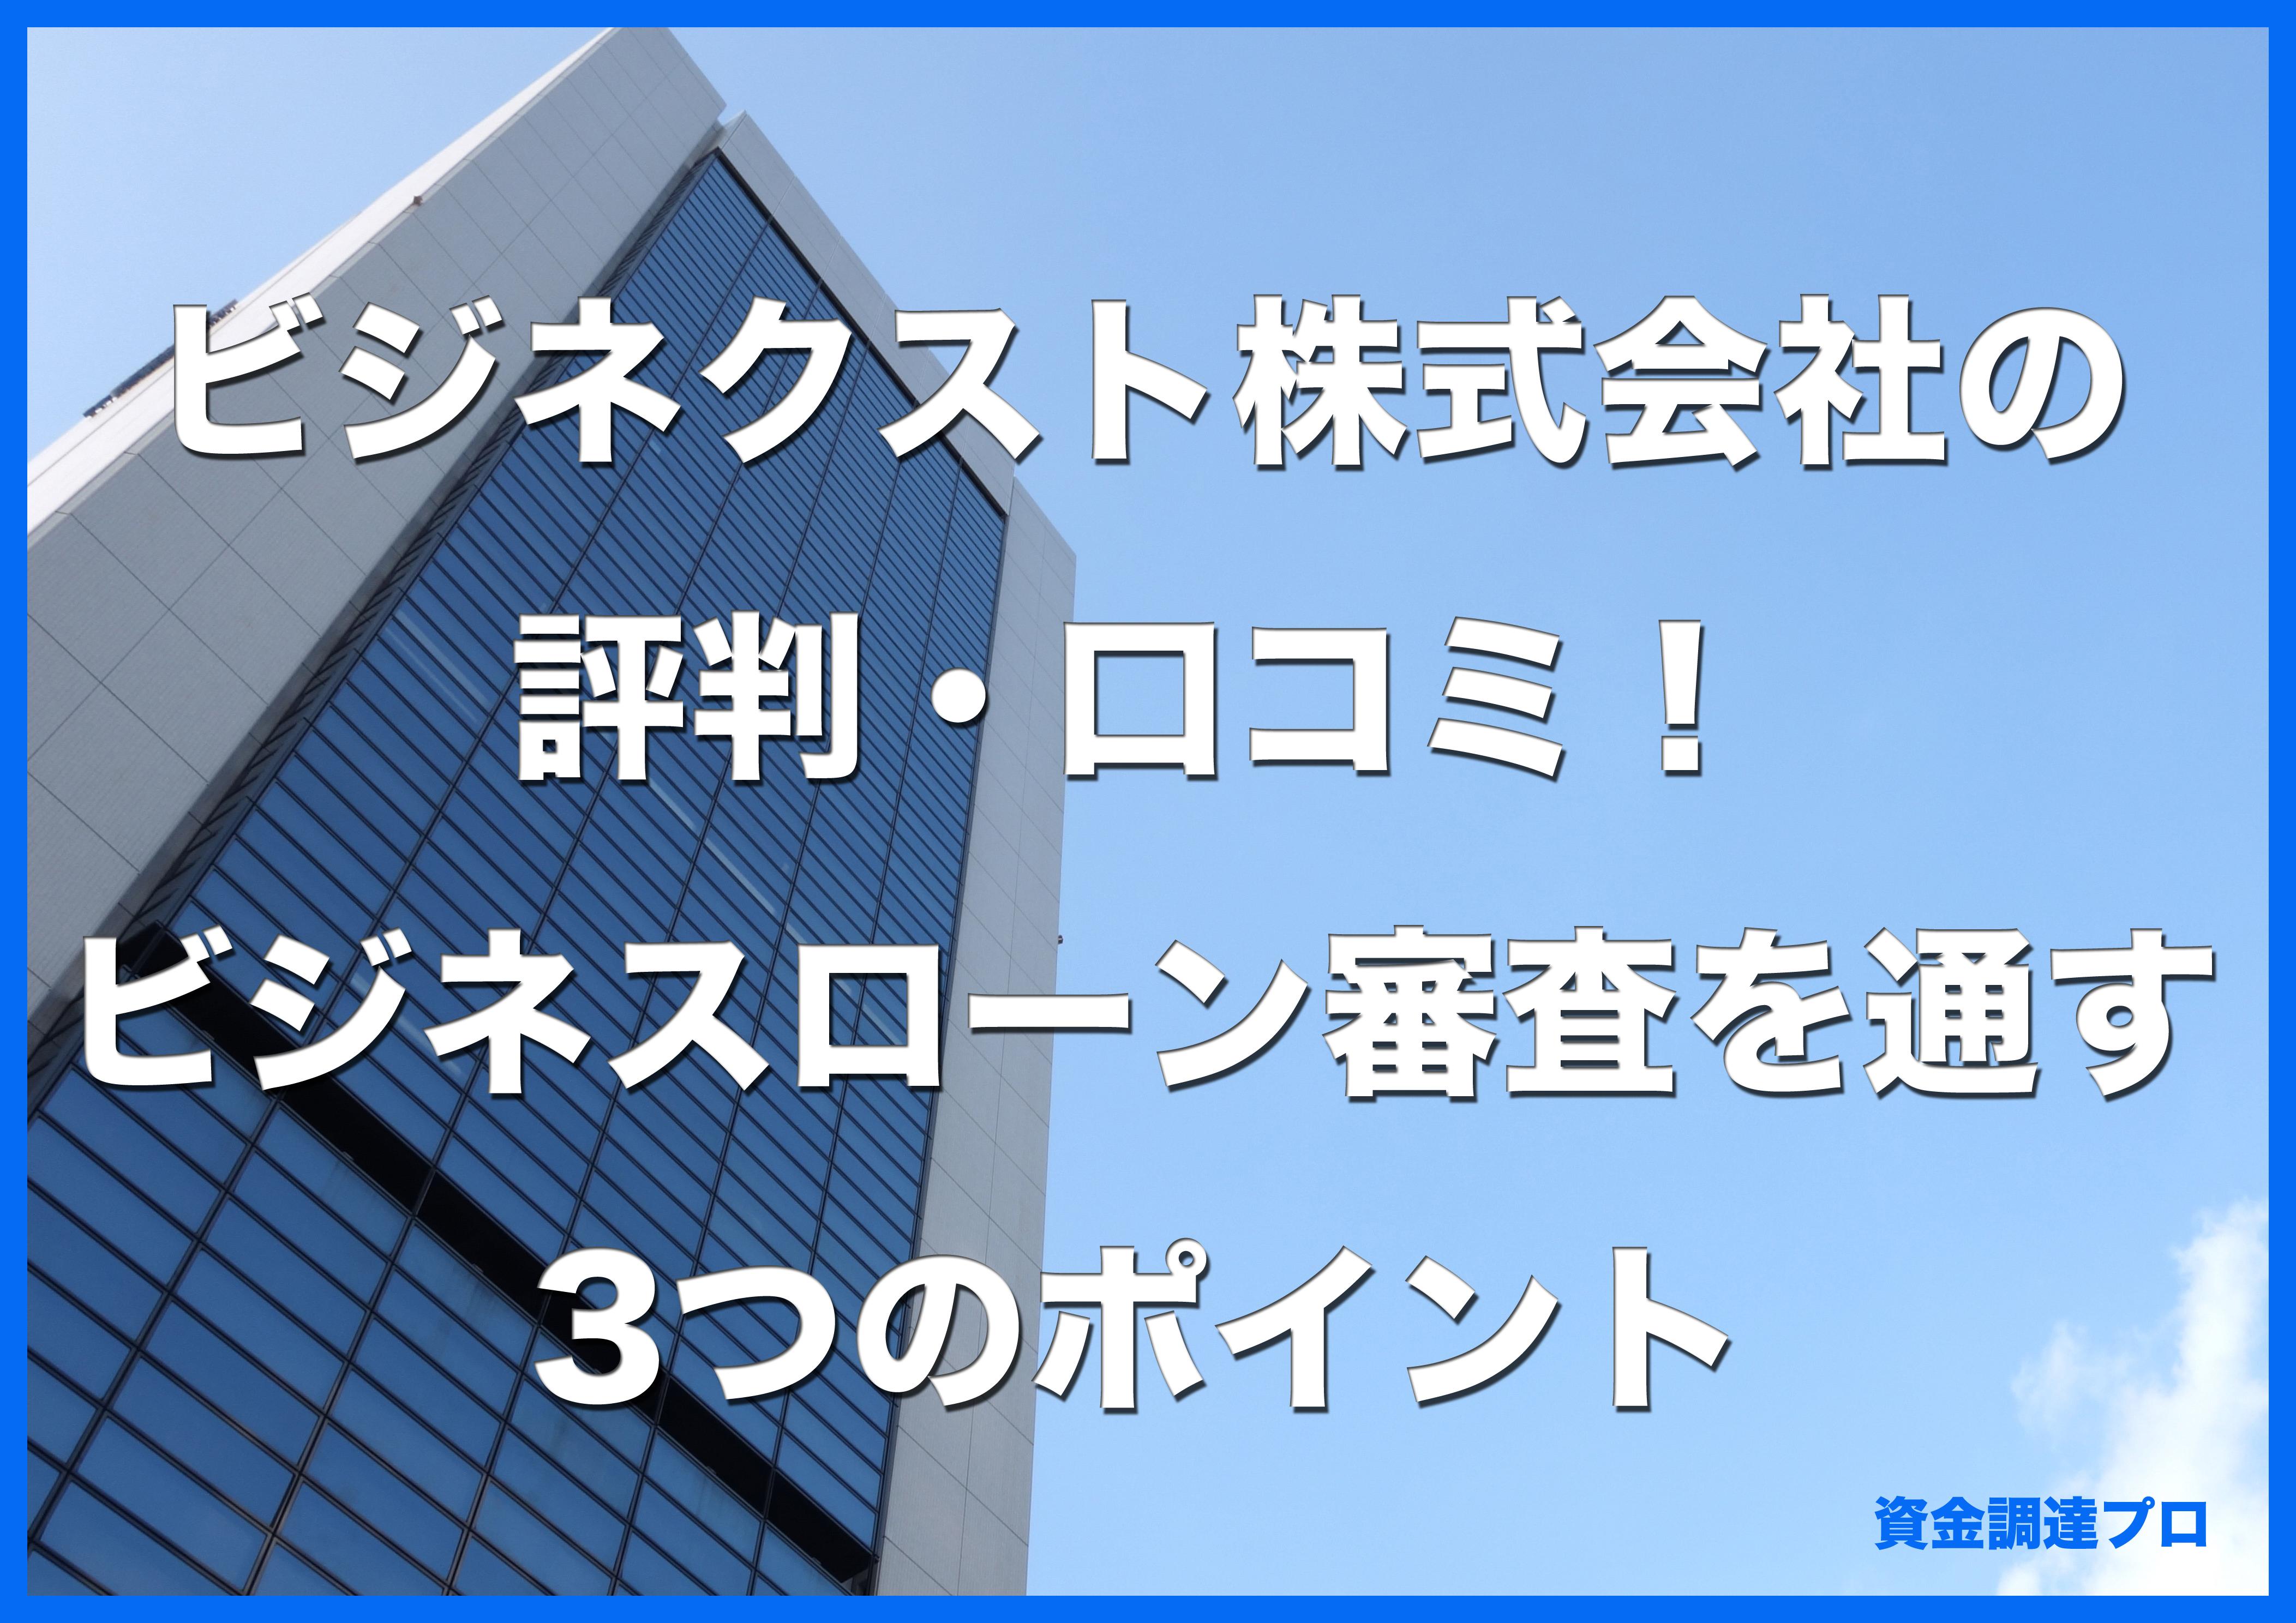 【最新2020年版】ビジネクスト株式会社の評判と口コミ!ビジネスローン審査を通す3つのポイント!